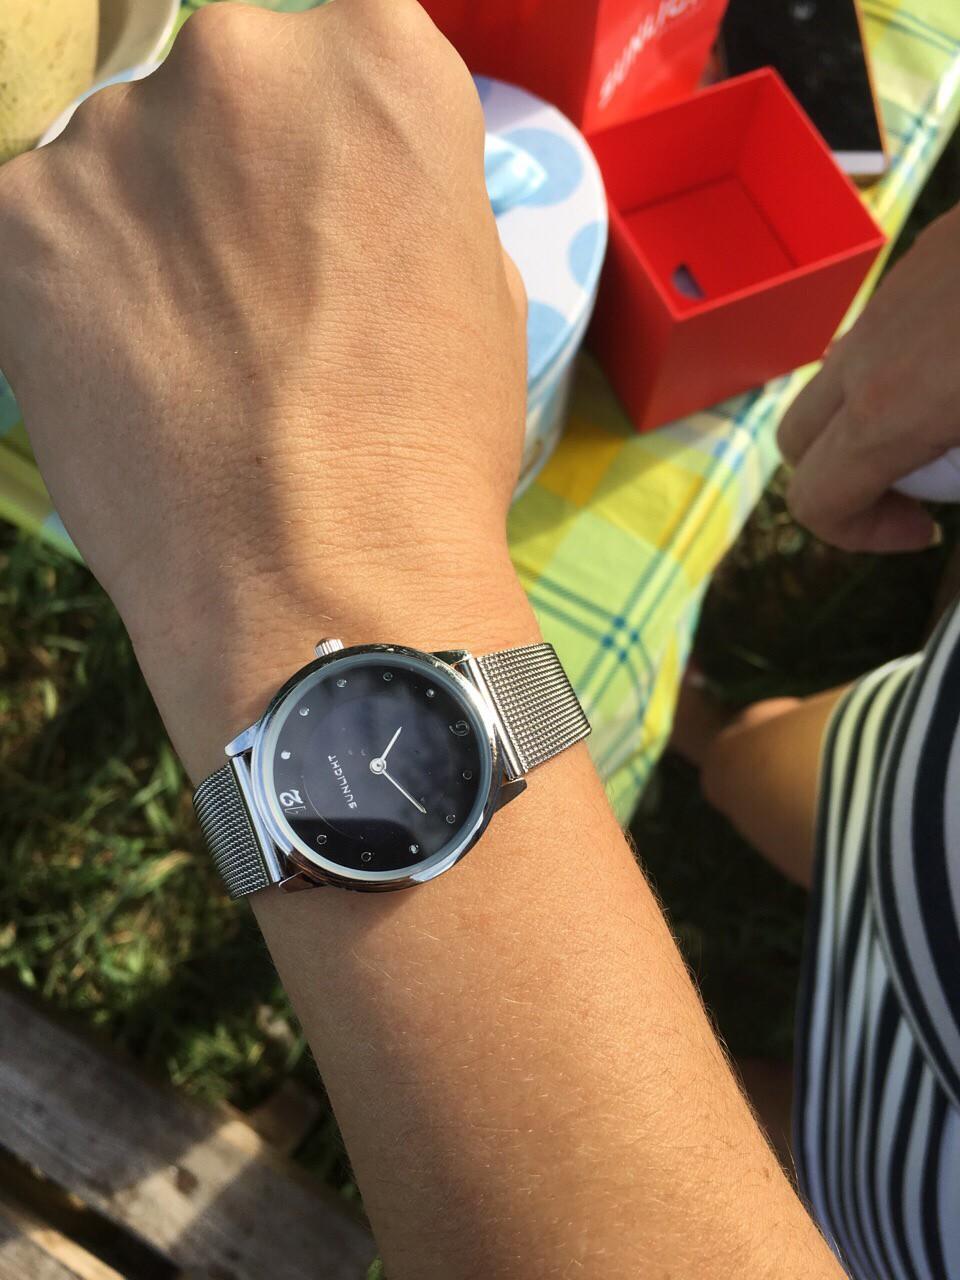 Супер часы!!! рекомендую к покупке 10 из 10